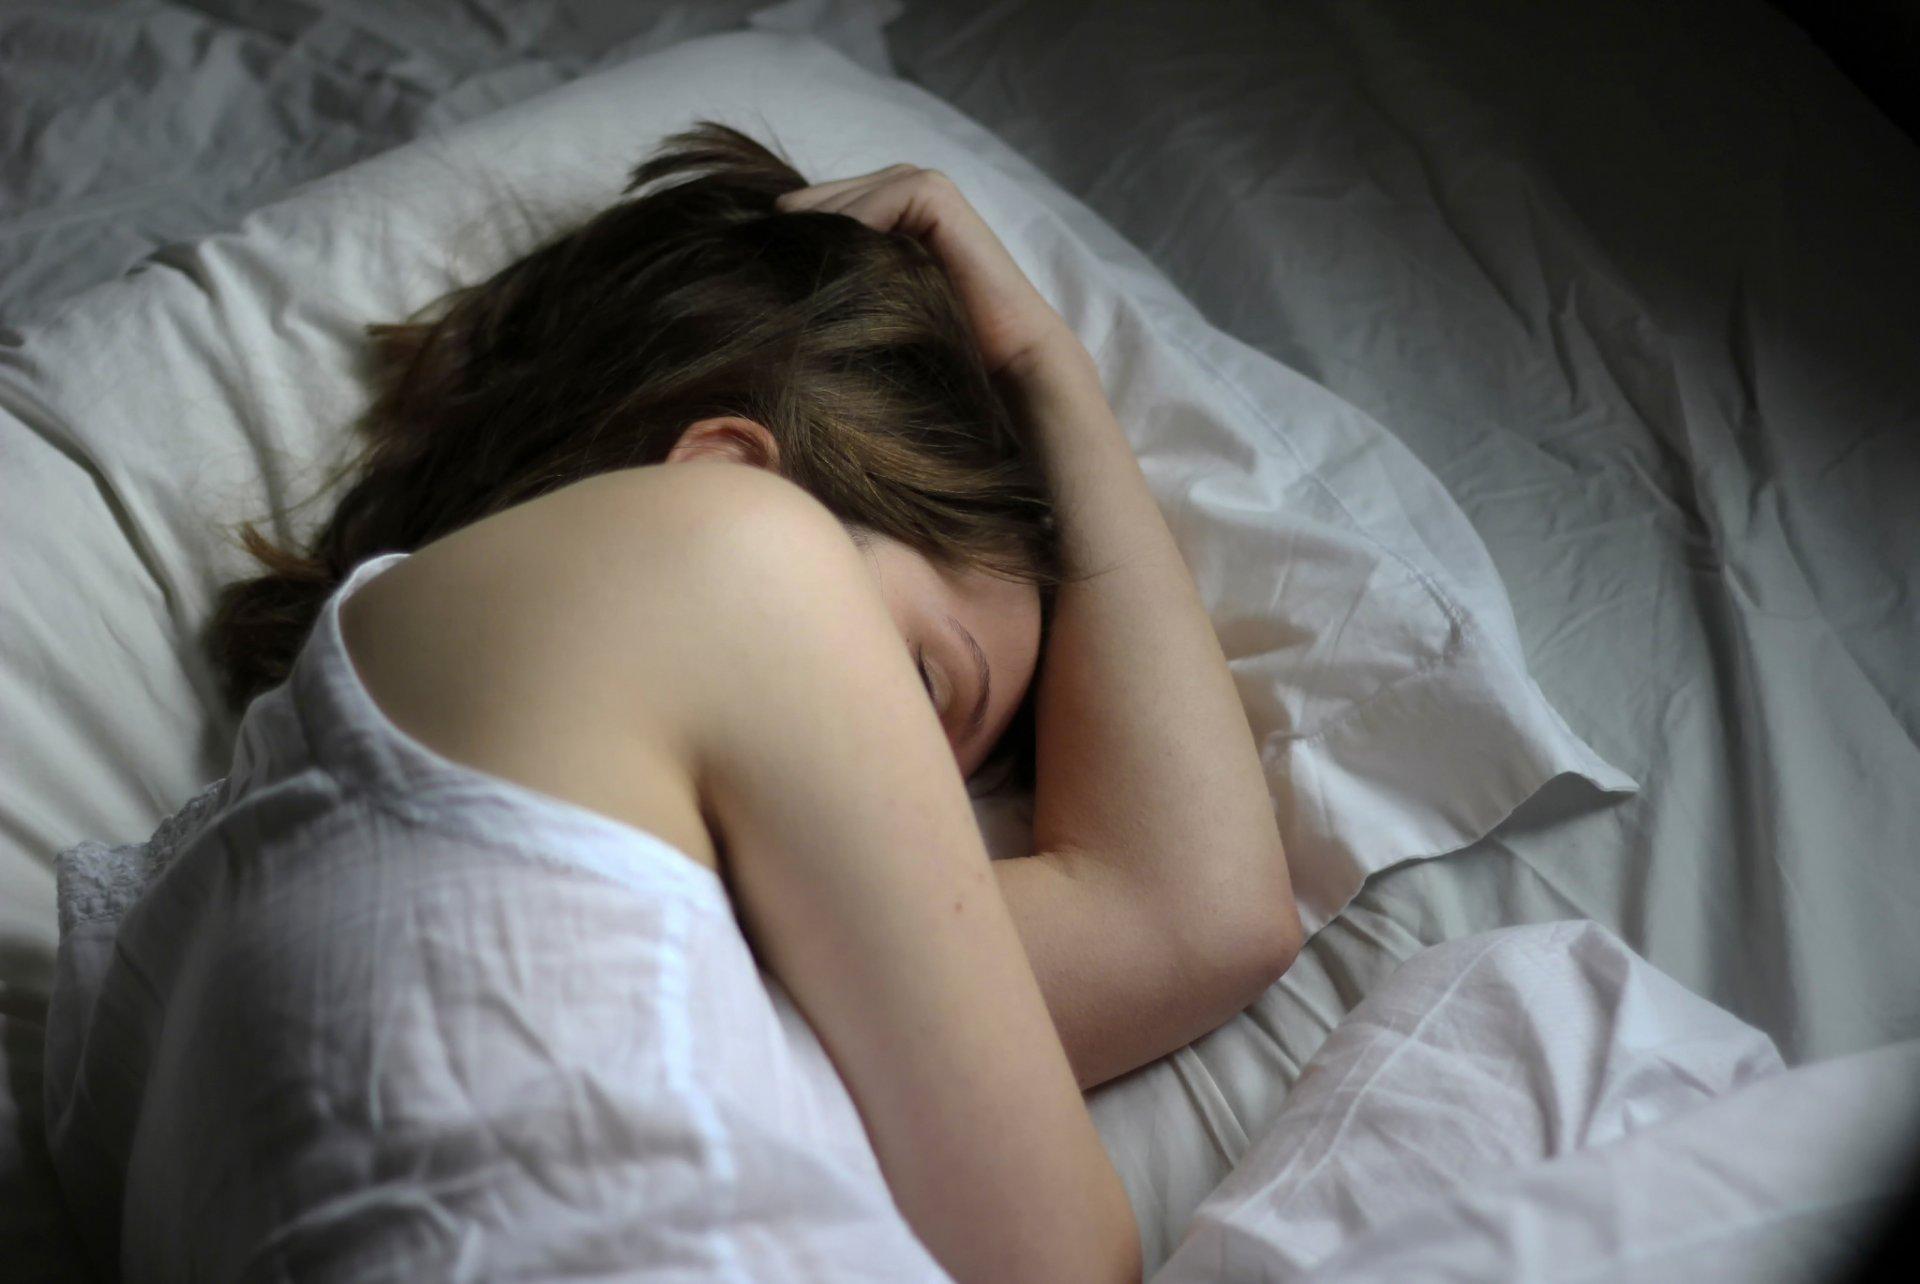 Кончил на трусики спящей фото африканку